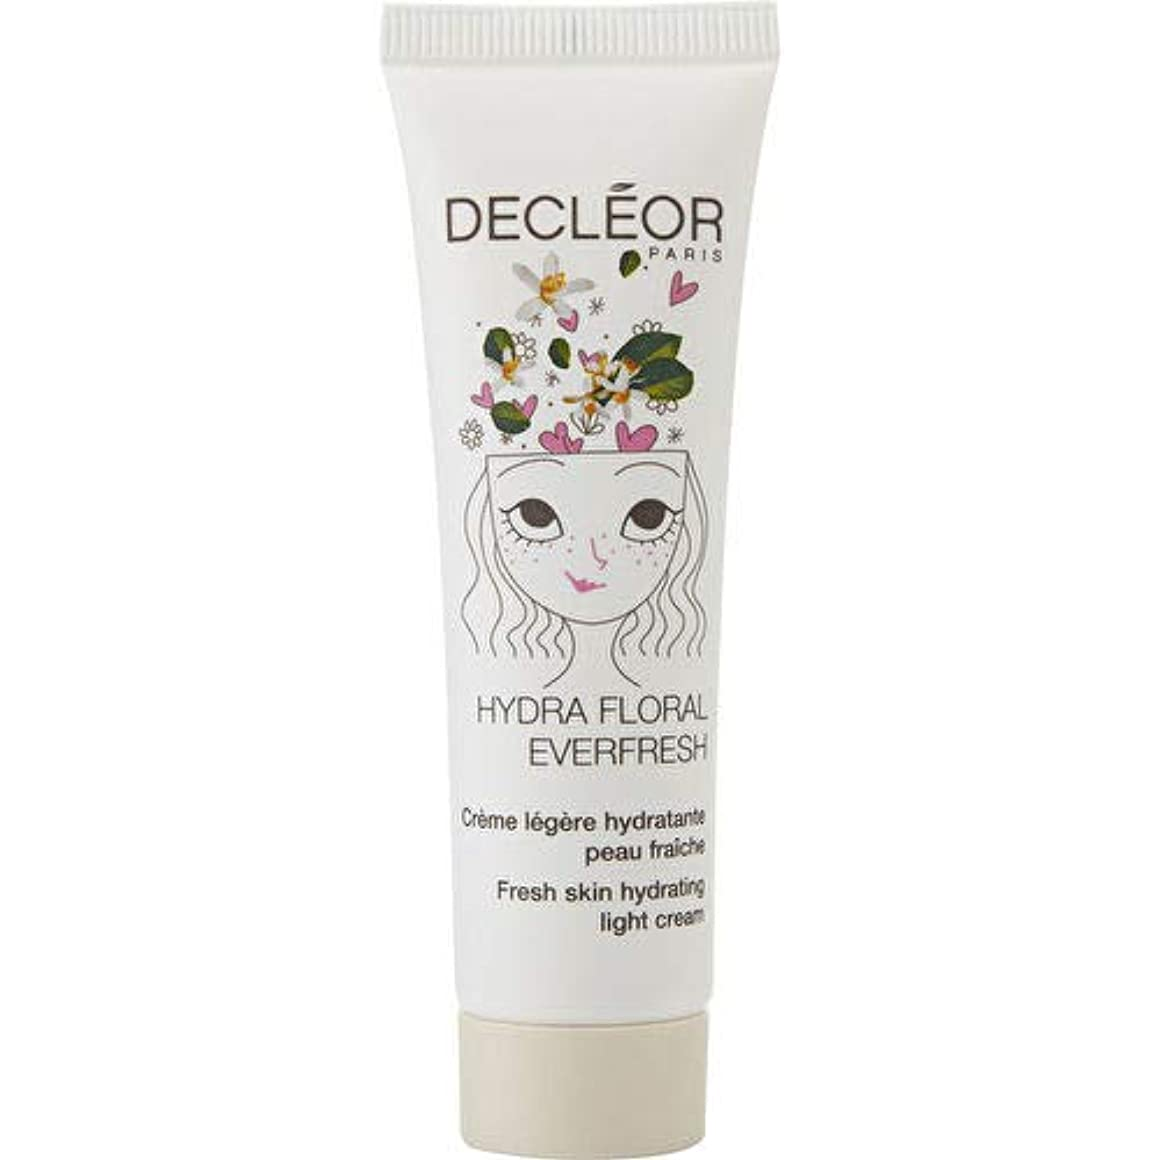 等々王位困難デクレオール Hydra Floral Everfresh Fresh Skin Hydrating Light Cream - For Dehydrated Skin 30ml/1oz並行輸入品